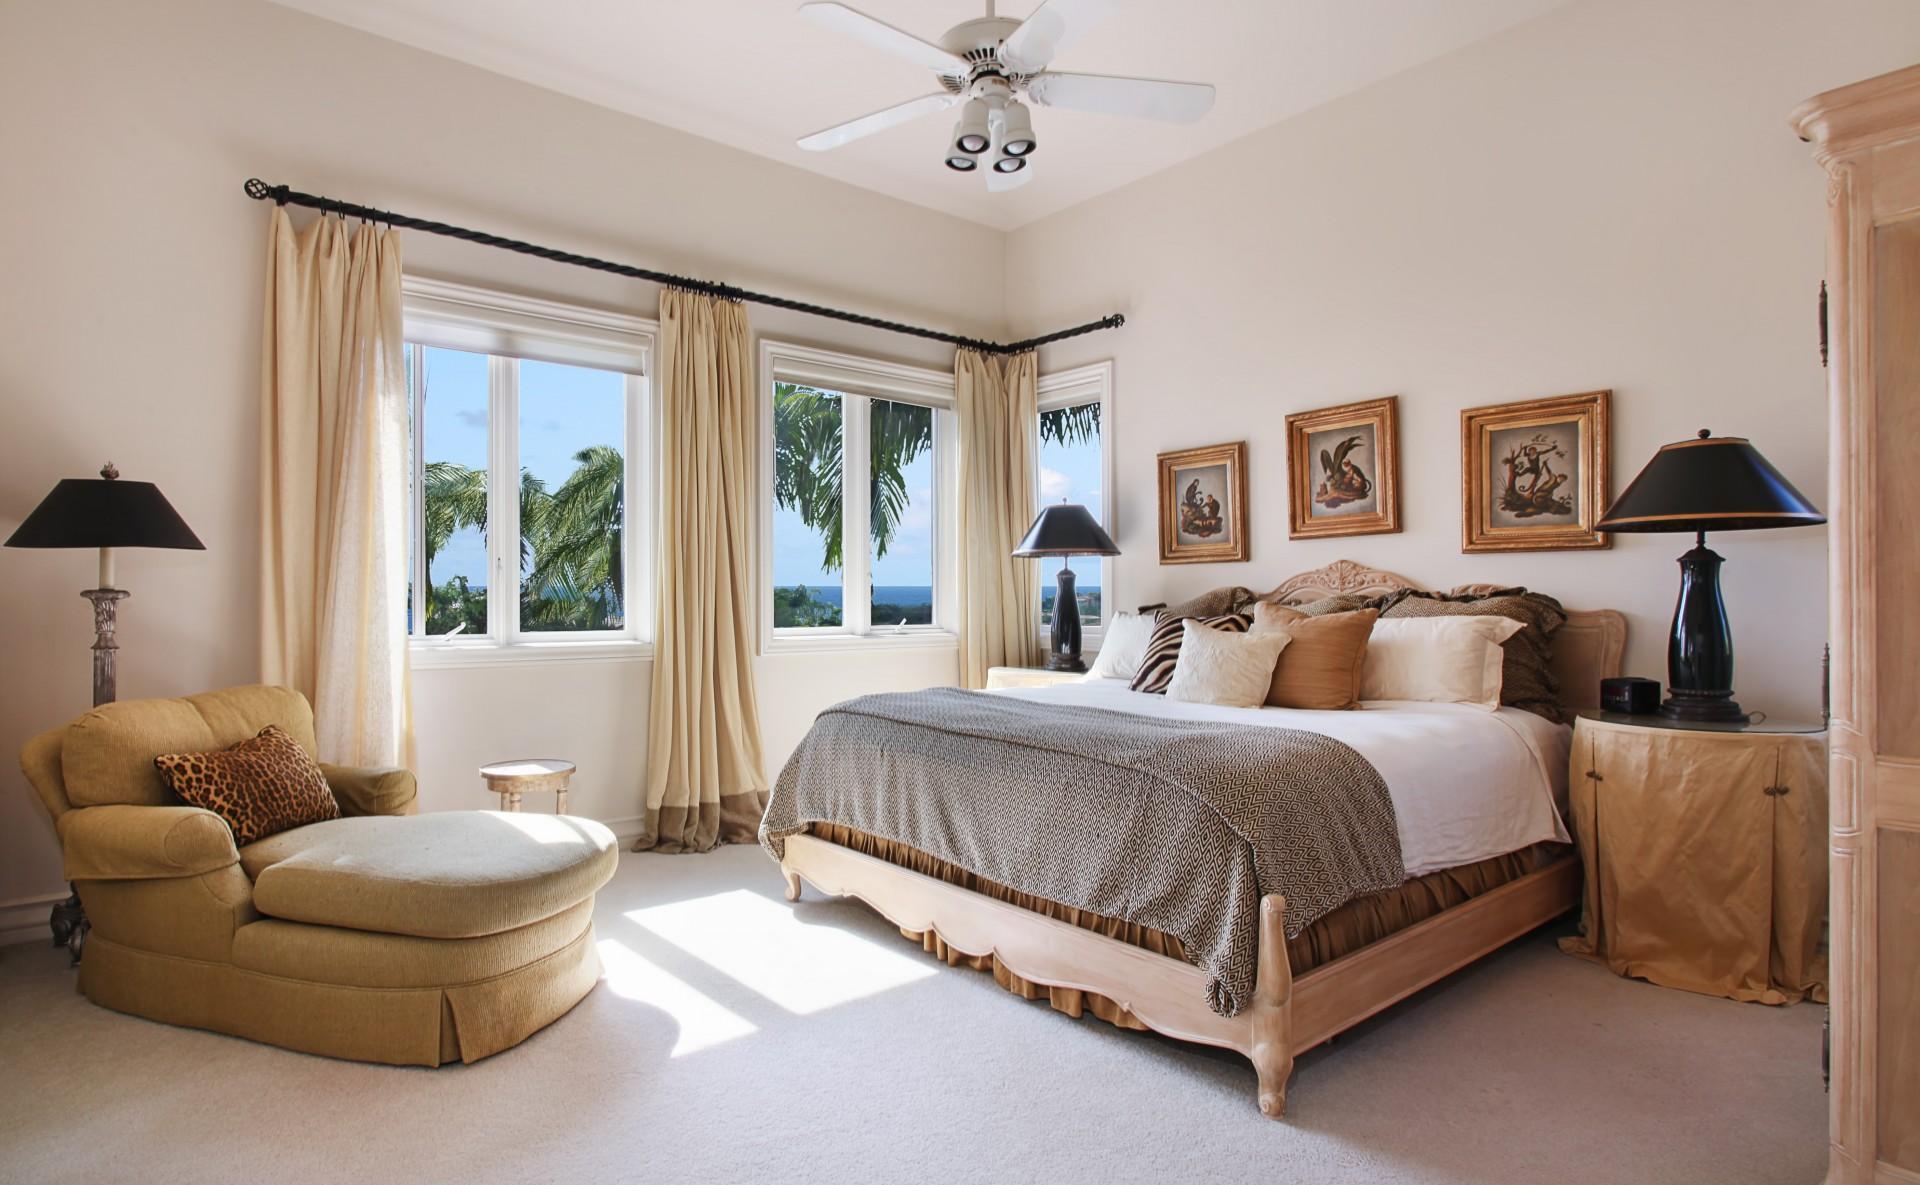 Спальня в стиле кантри в коричнево-бежевых тонах